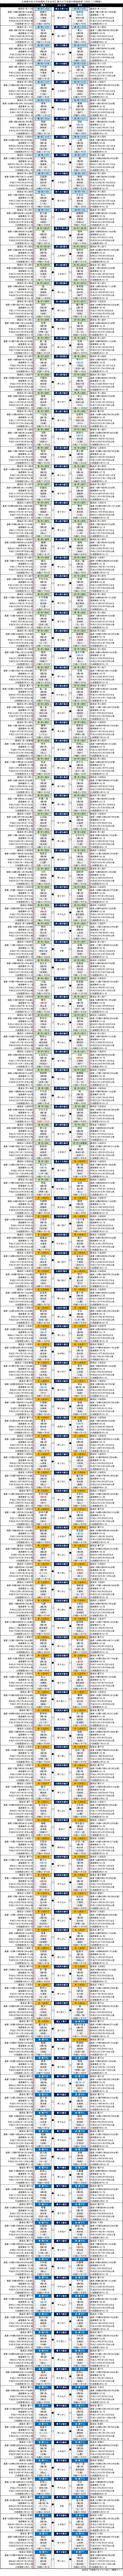 大相撲・2020年1月場所8日目・幕下以下の取組結果